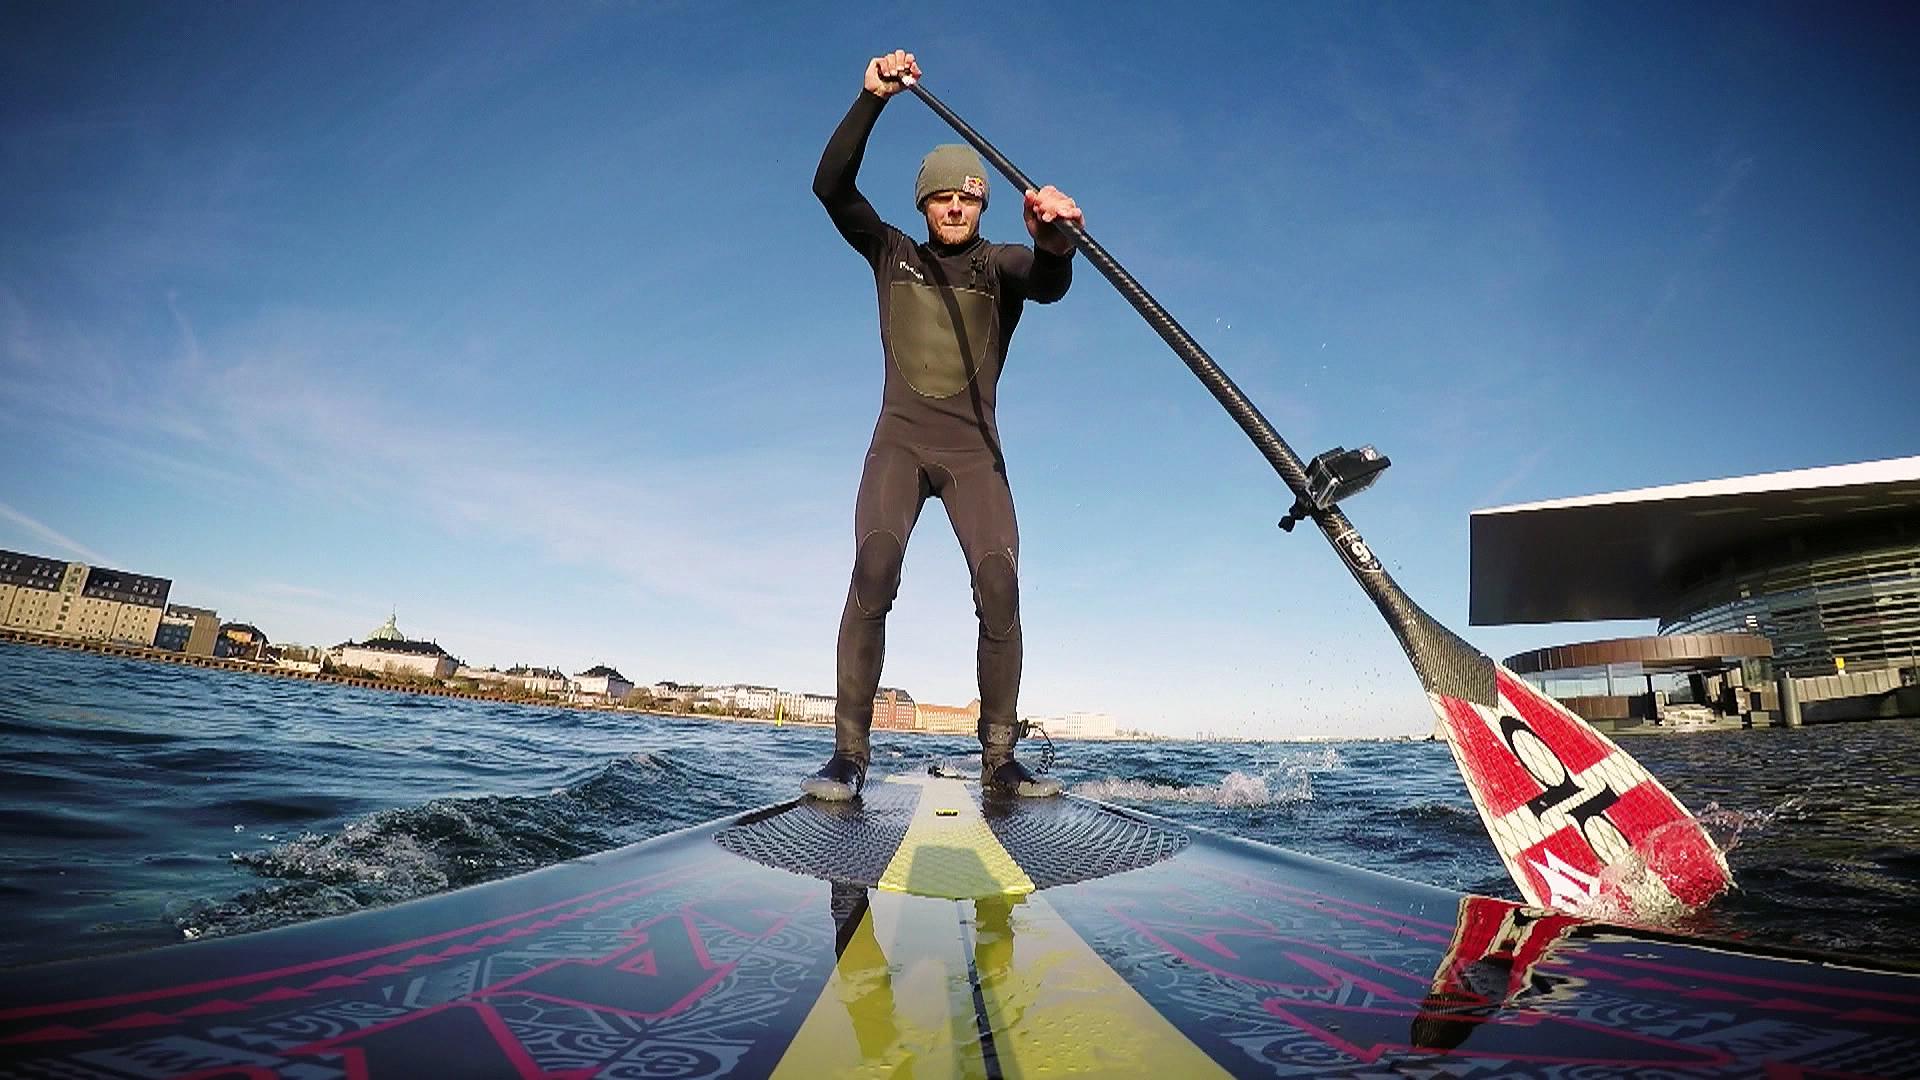 paddleboard_1_00004109.jpeg